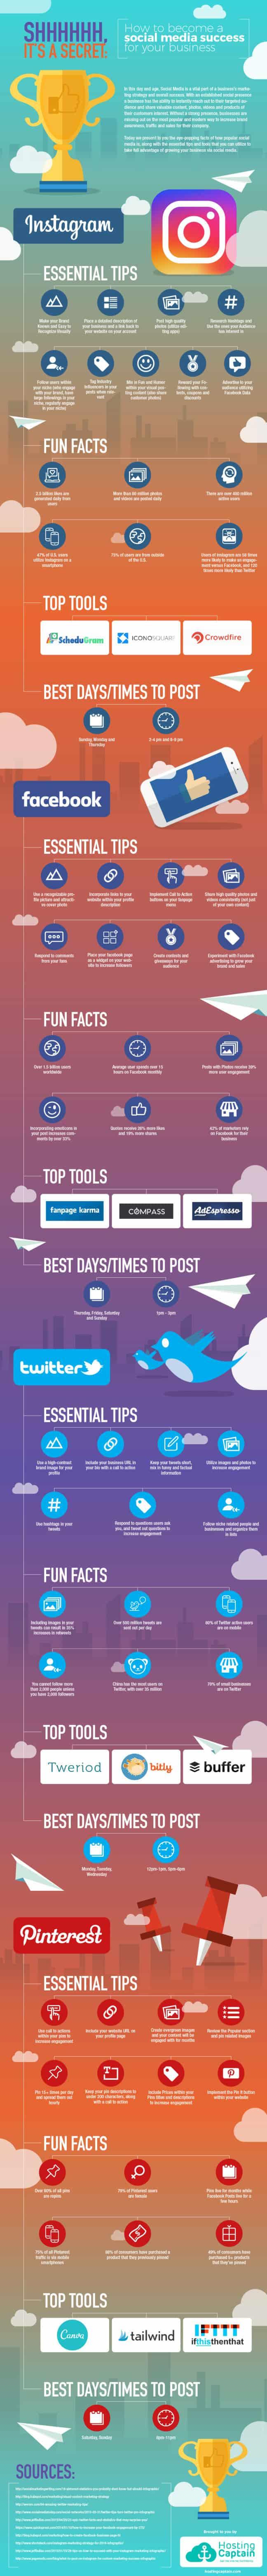 infographie-comment-utiliser-les-reseaux-sociaux-avec-succes